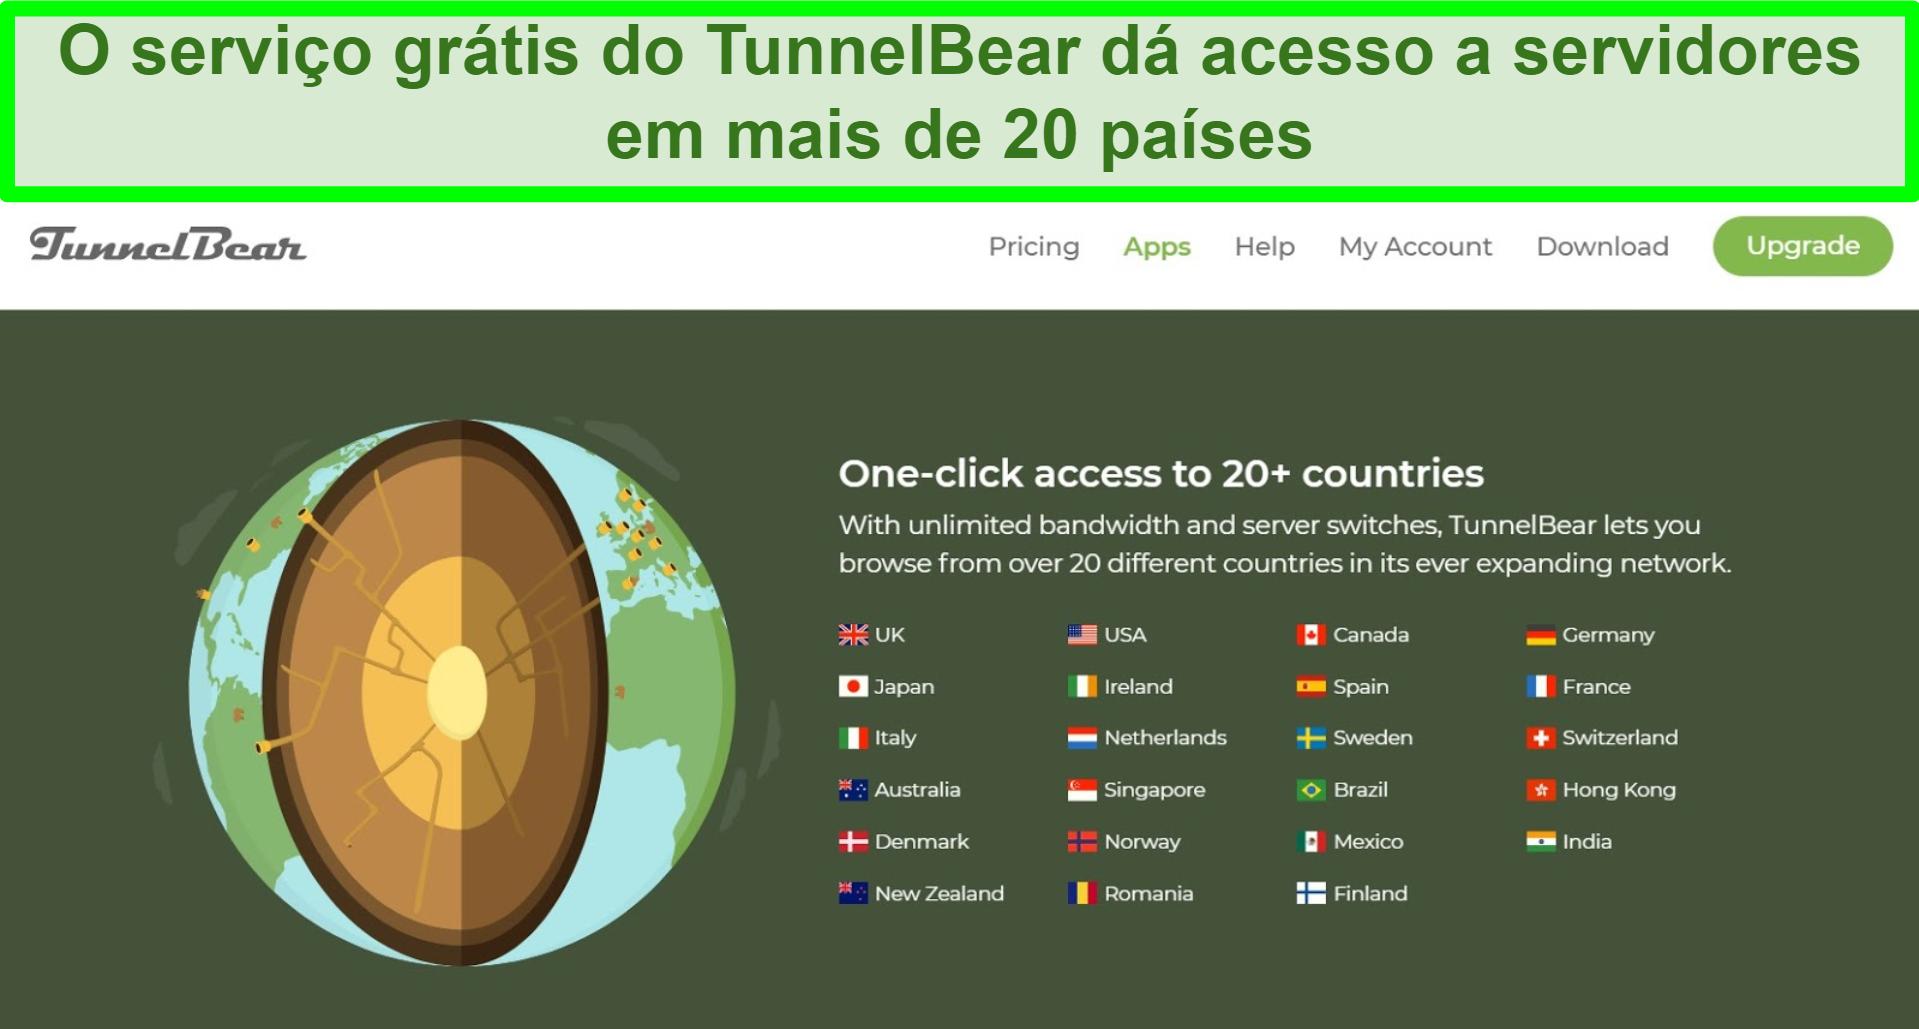 Captura de tela do site TunnelBear detalhando os locais do servidor